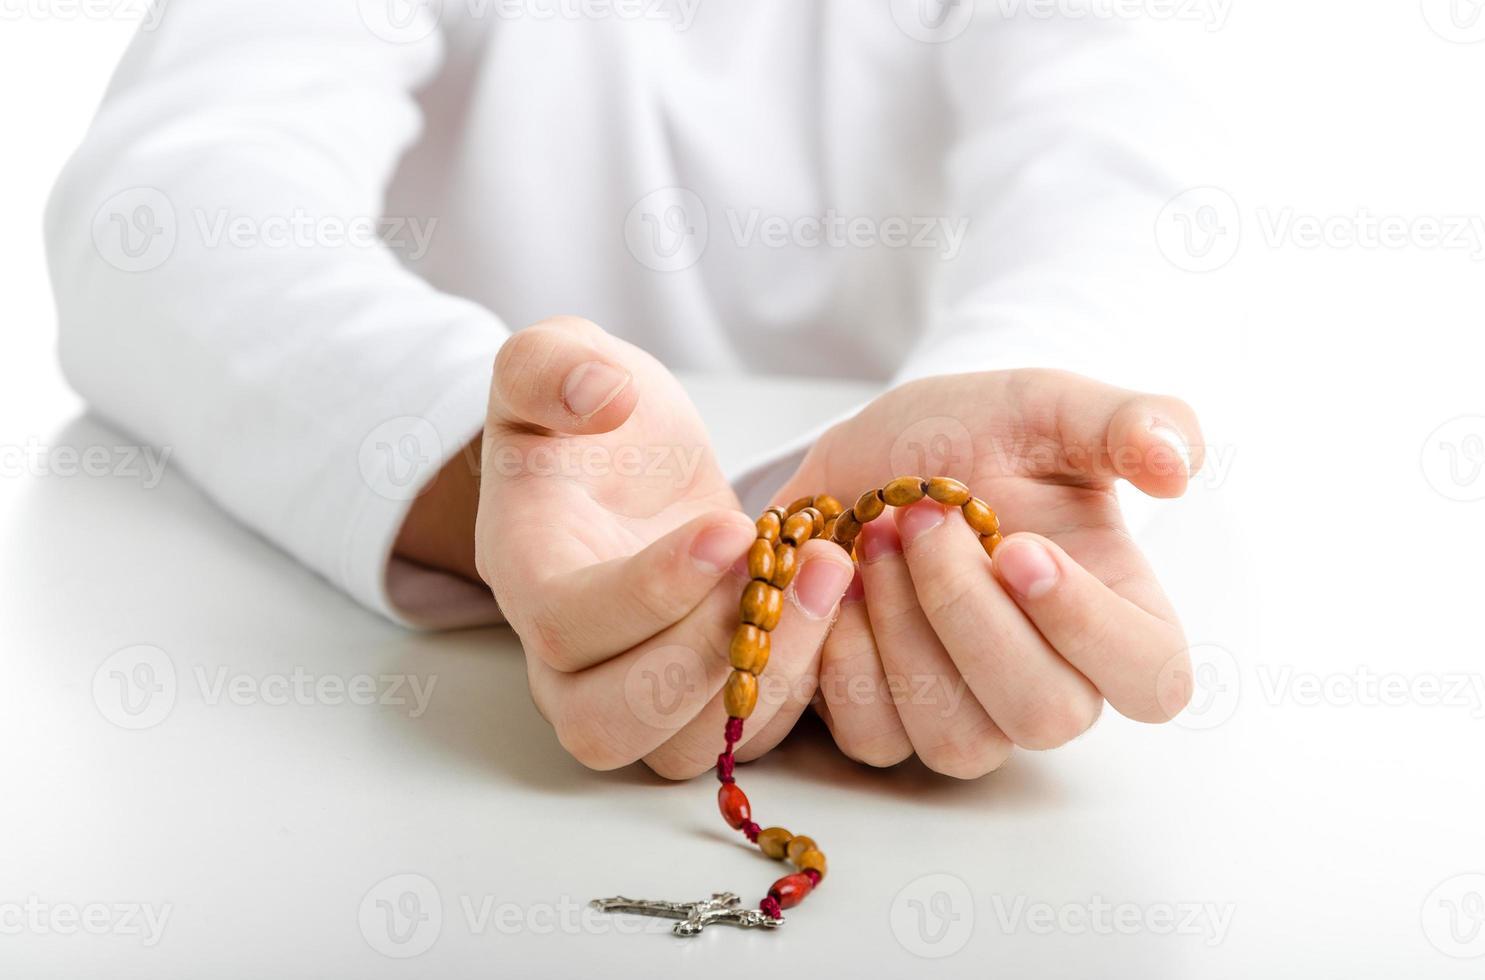 mani del bambino offrono rosari di legno foto